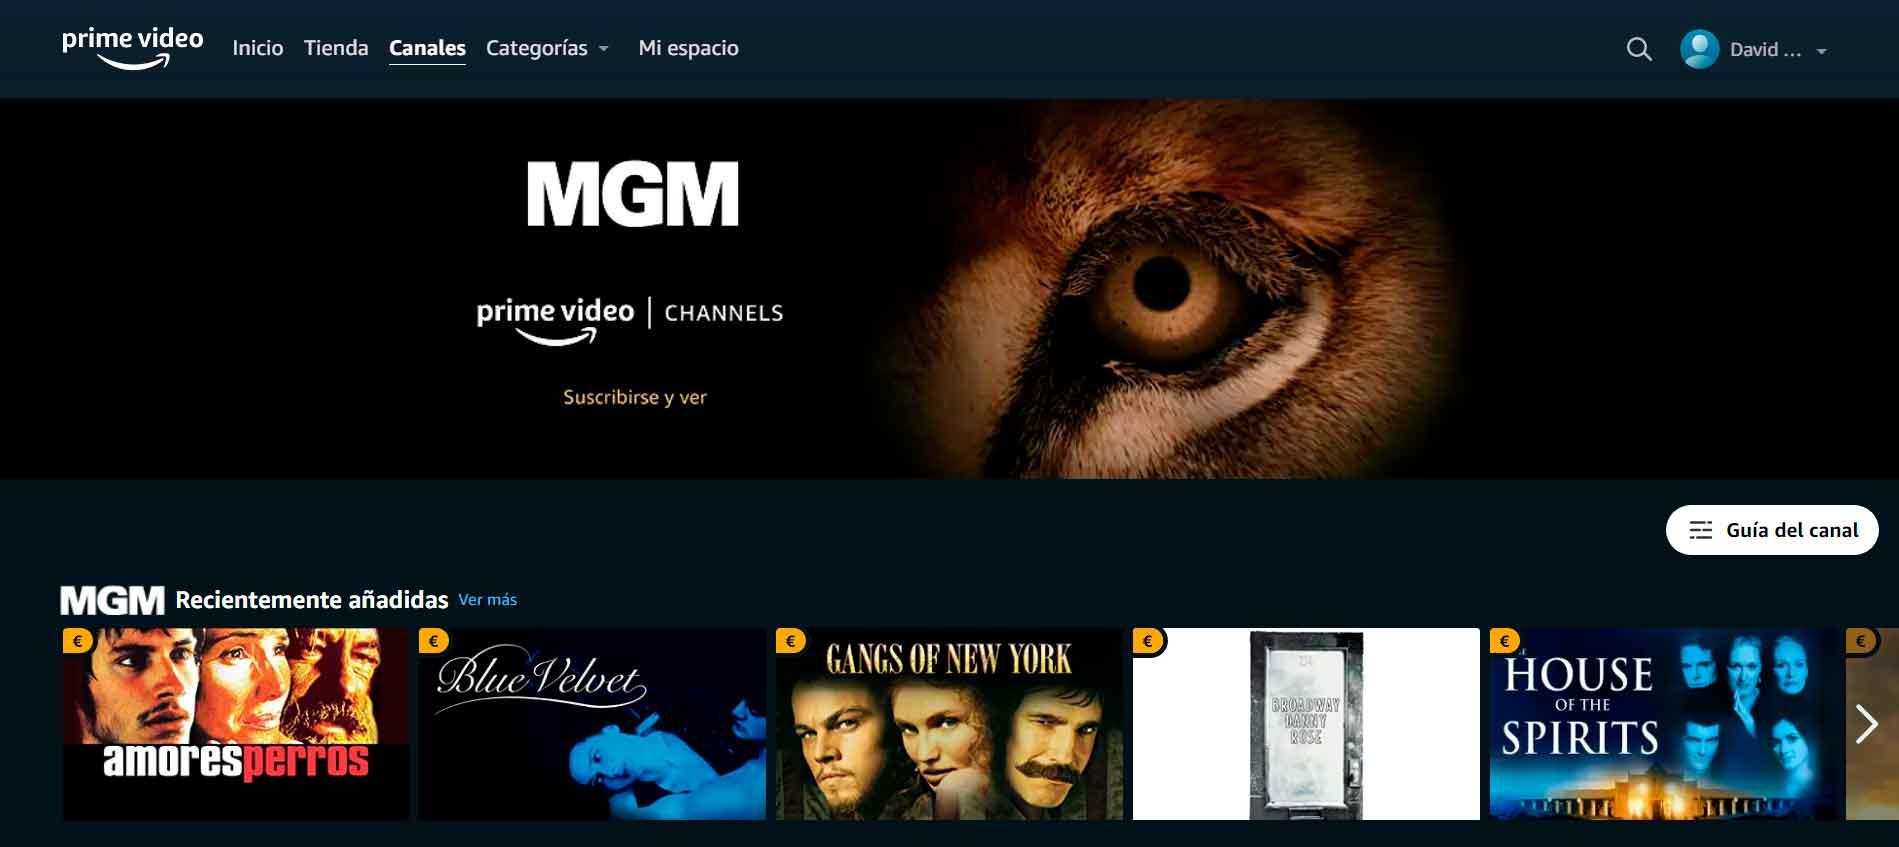 Amazon compra MGM Studios en mega acuerdo de 8 mil millones usd